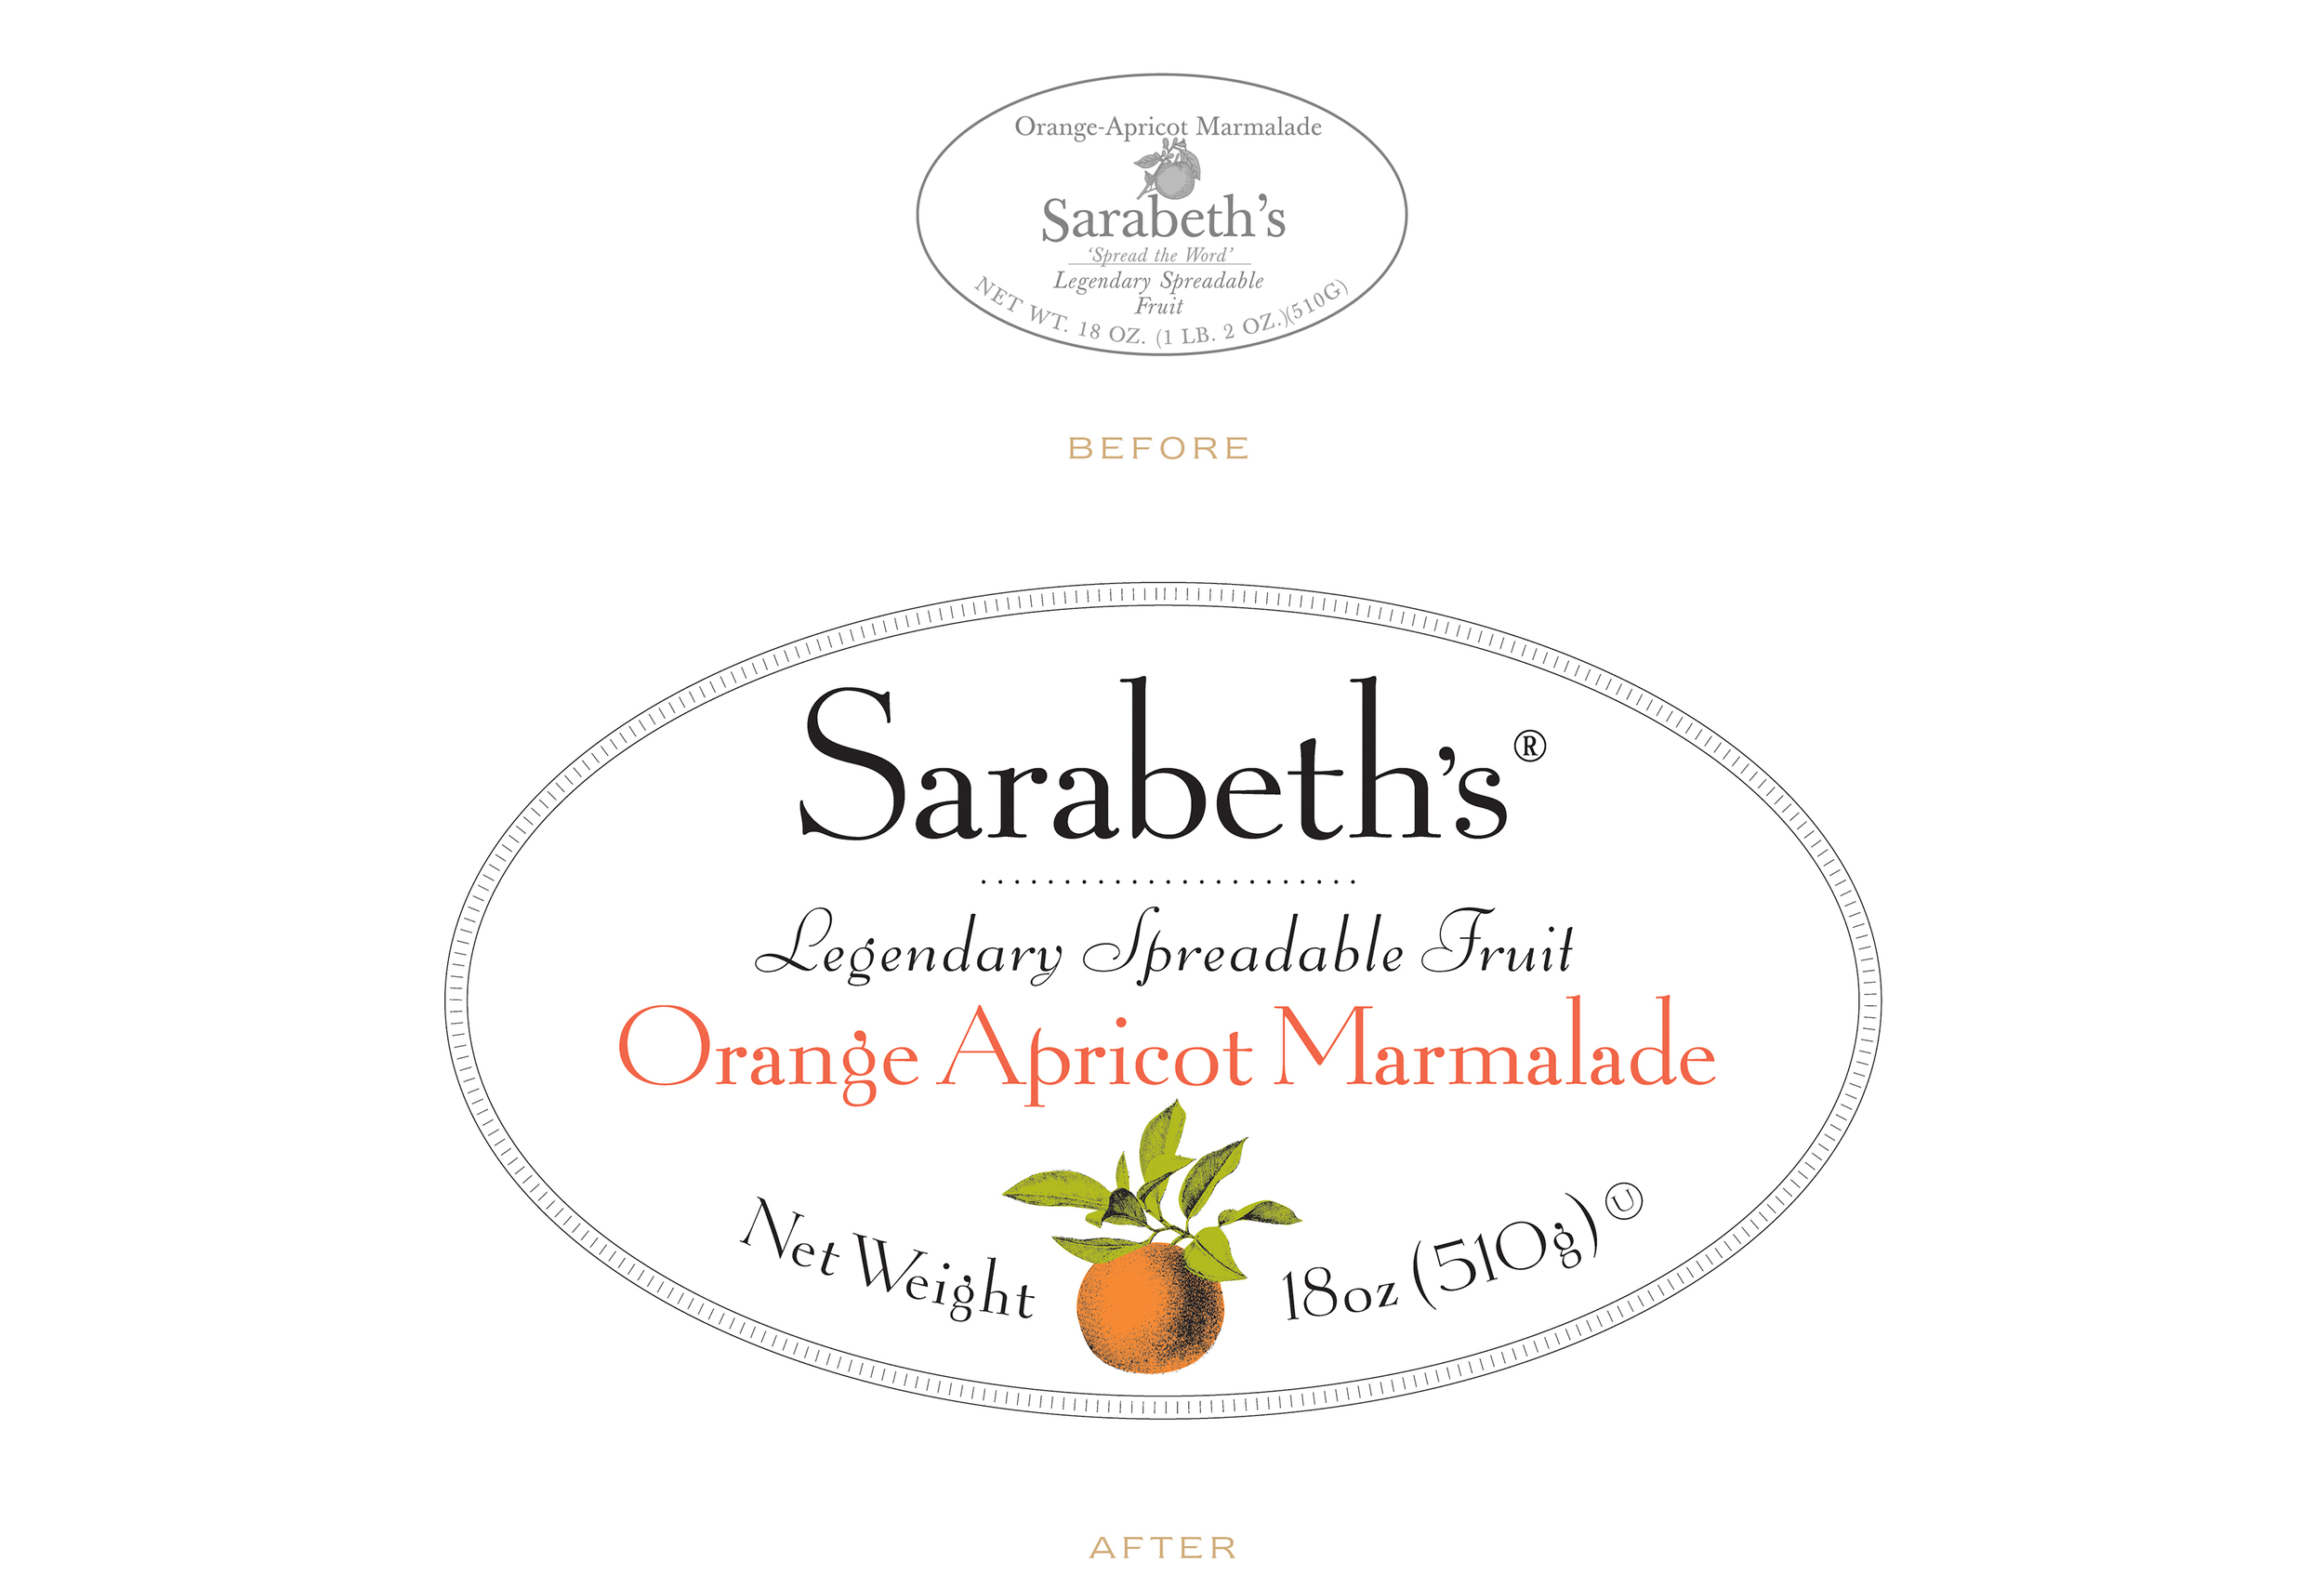 BA_Sarabeth's_3.jpg